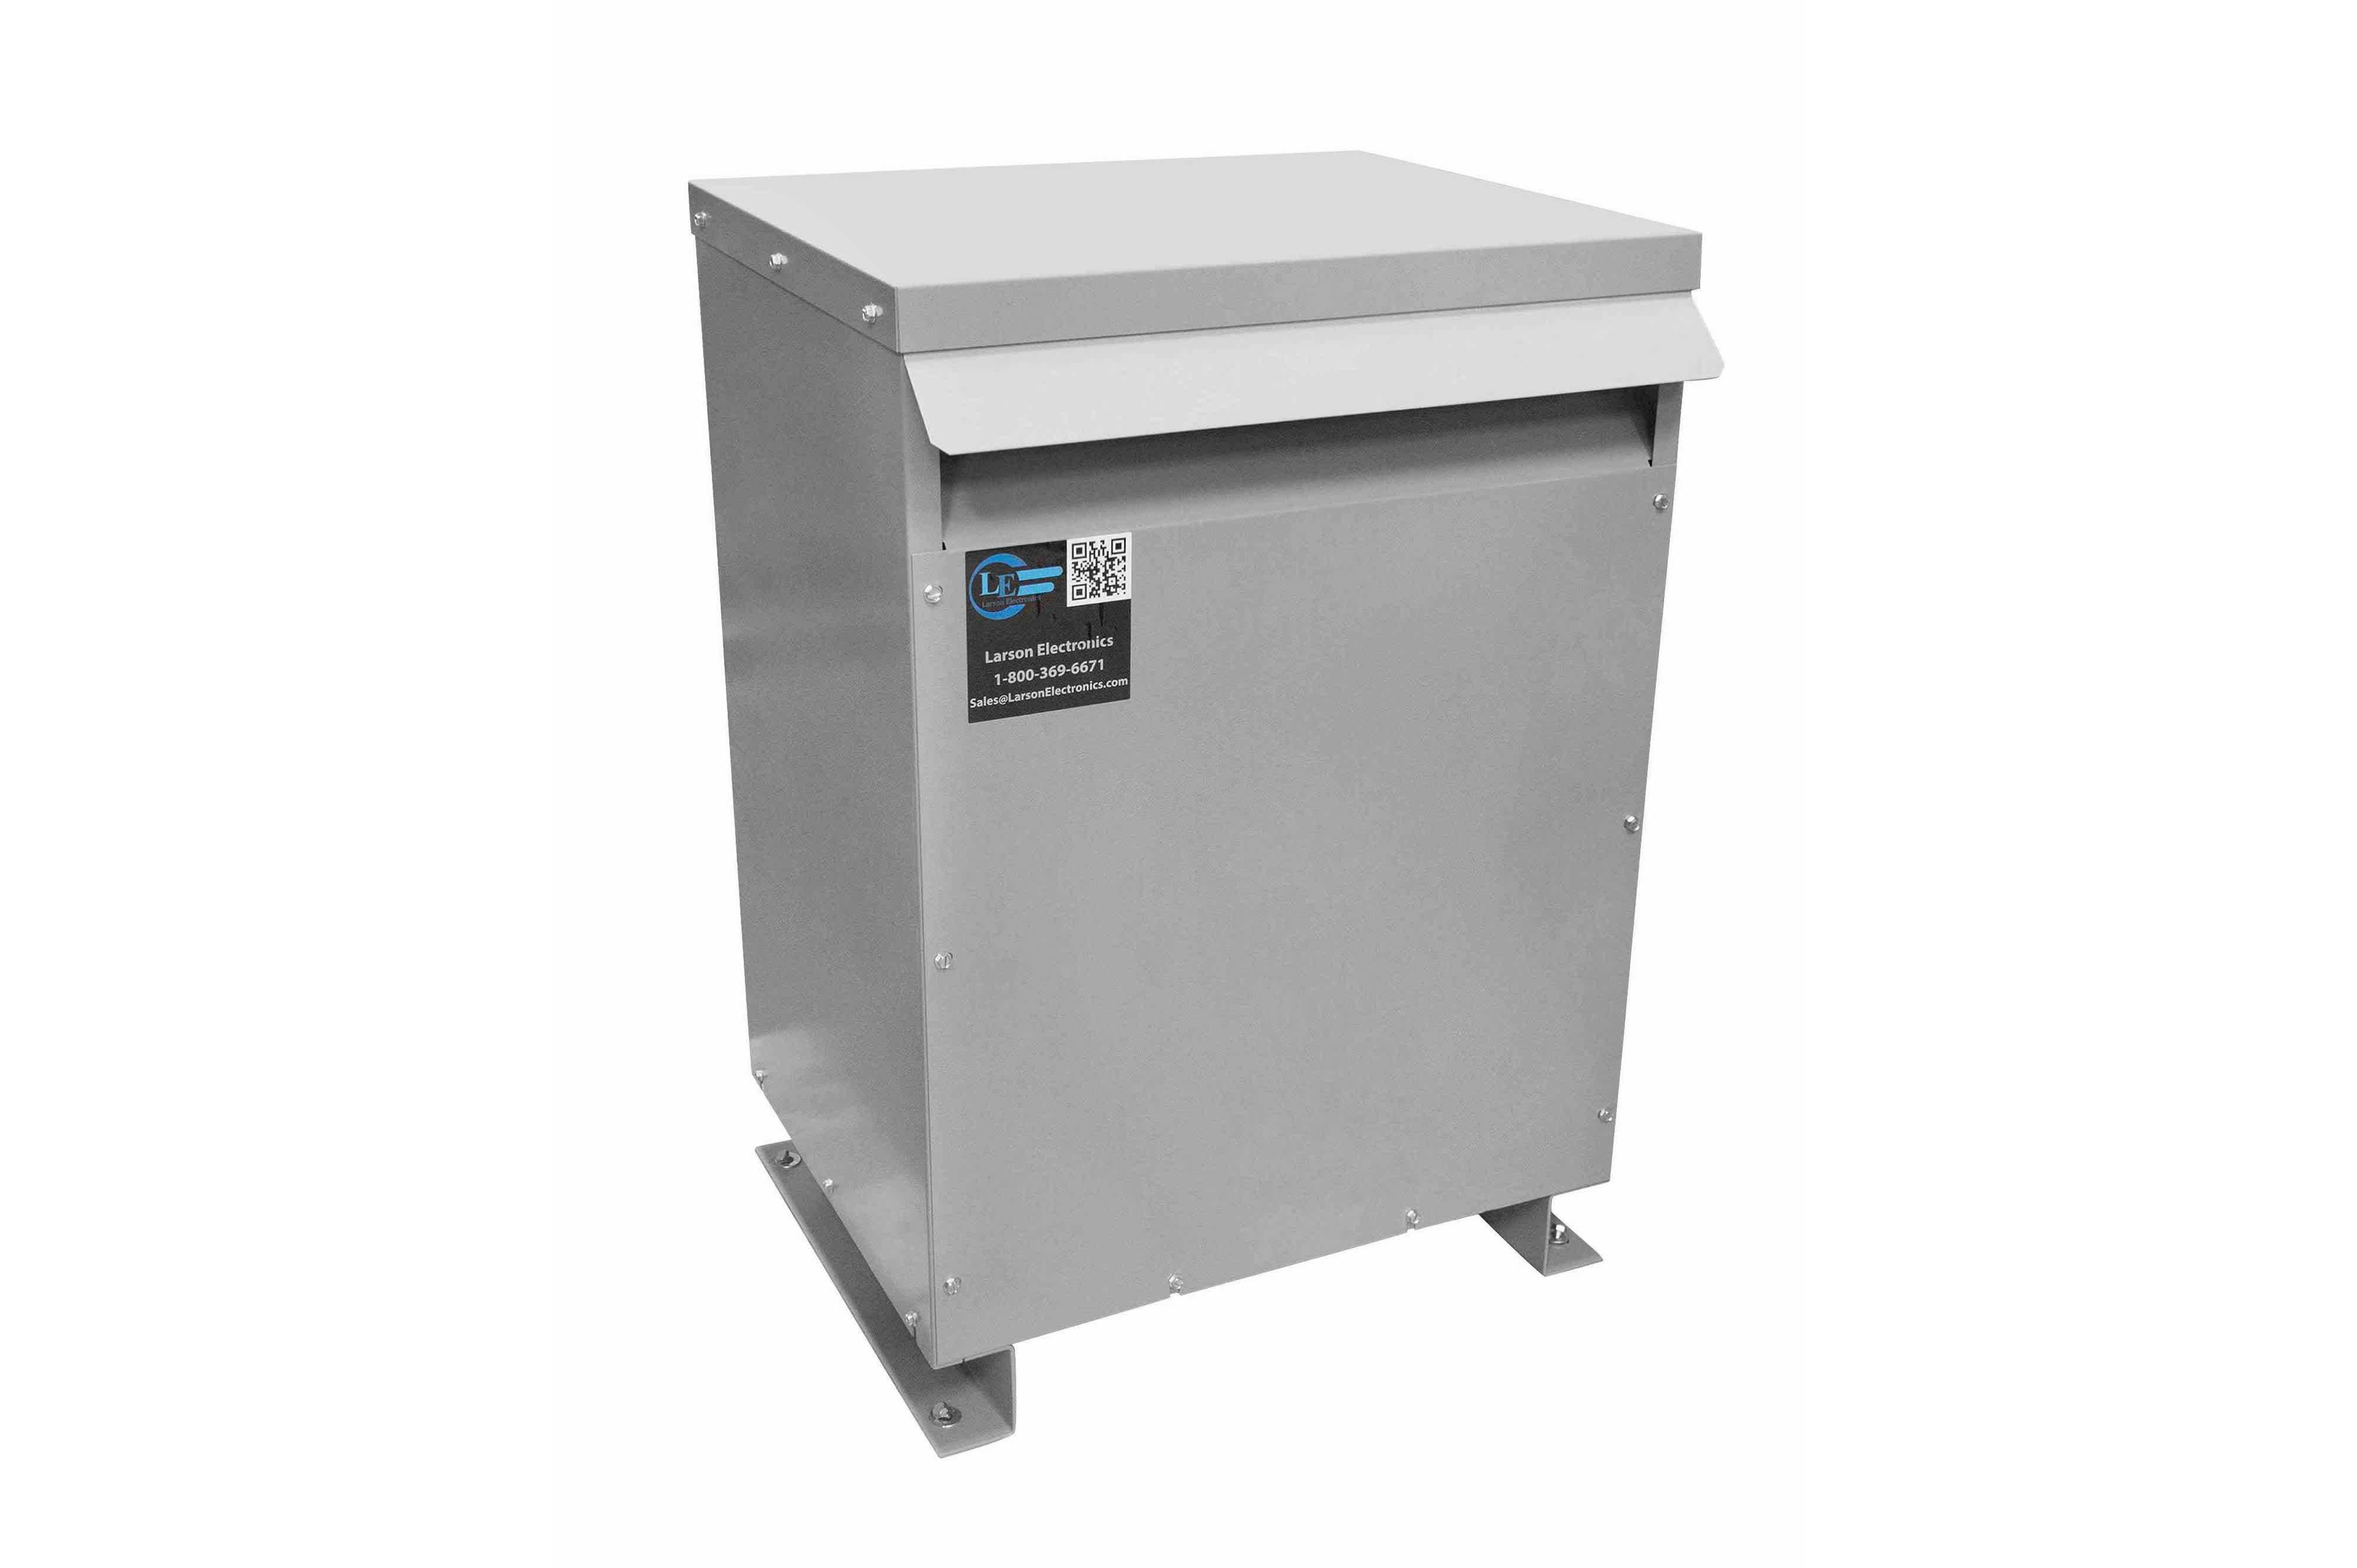 75 kVA 3PH Isolation Transformer, 460V Delta Primary, 208V Delta Secondary, N3R, Ventilated, 60 Hz